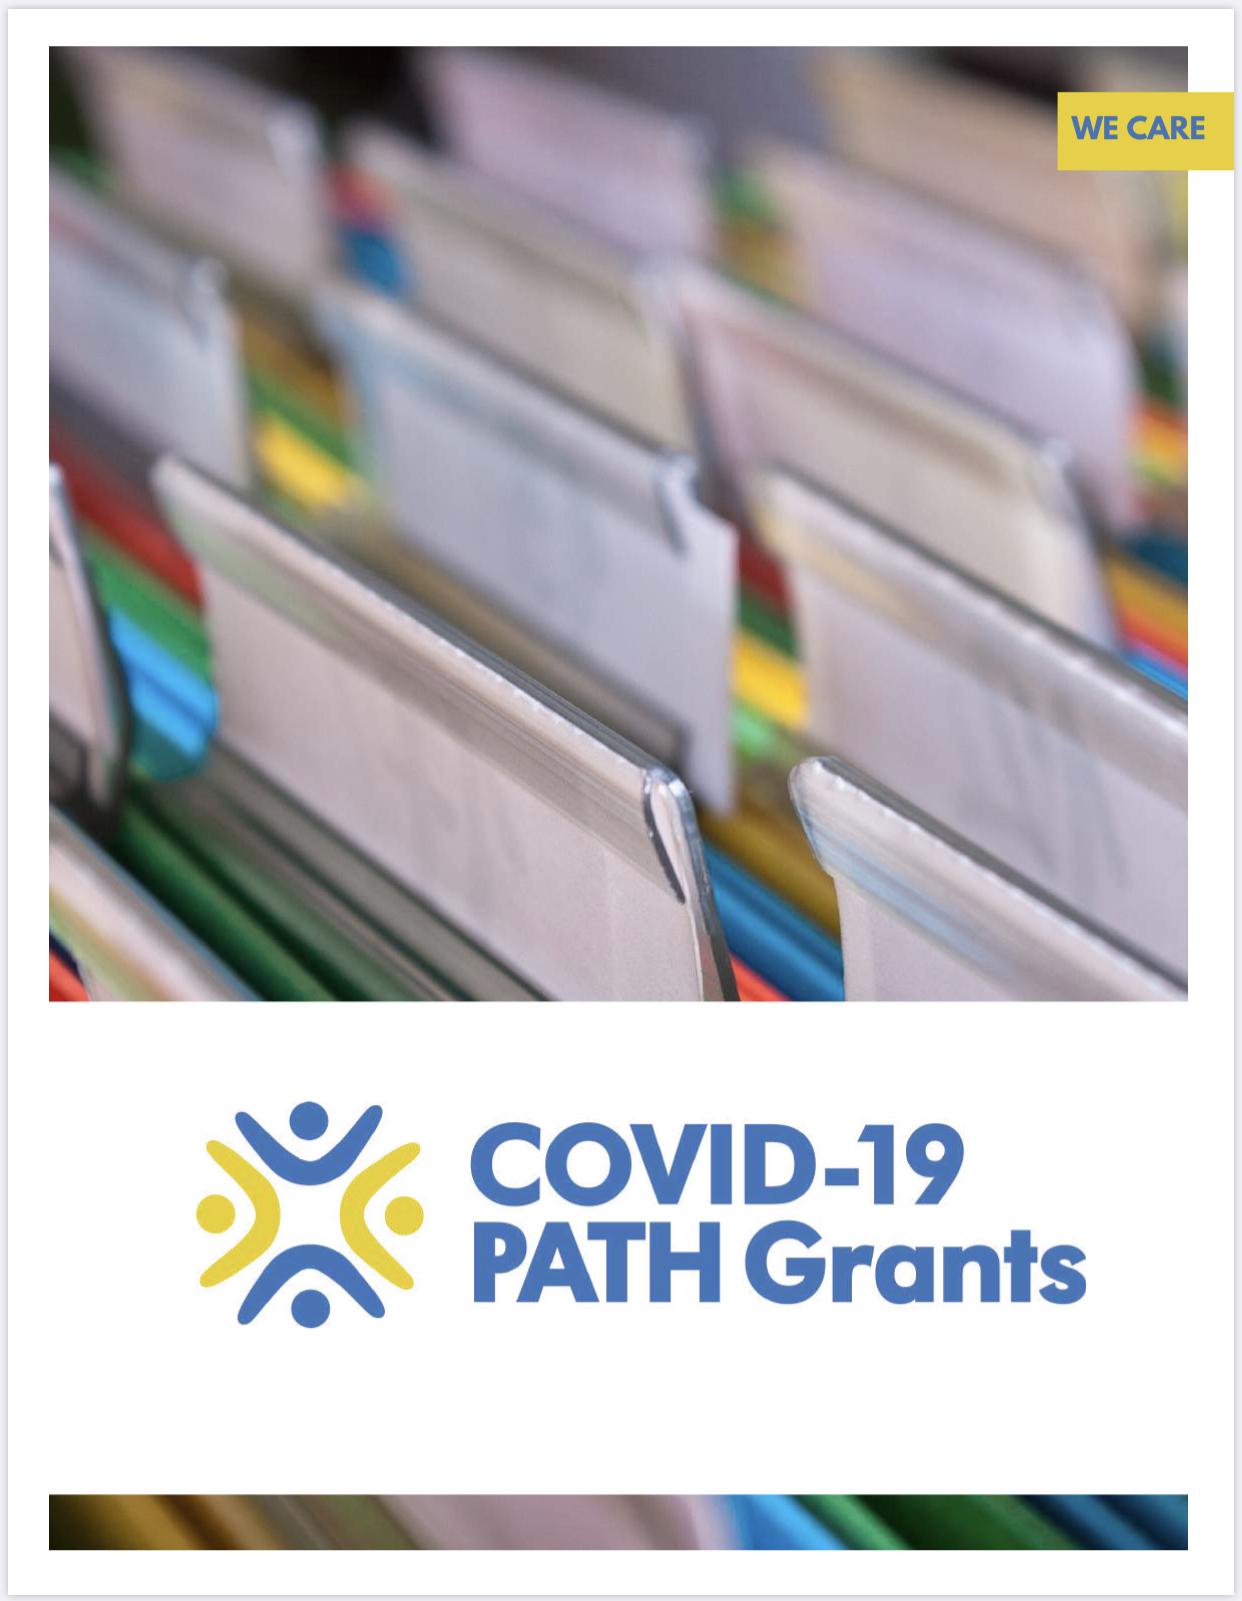 PATH Grant COVID-19